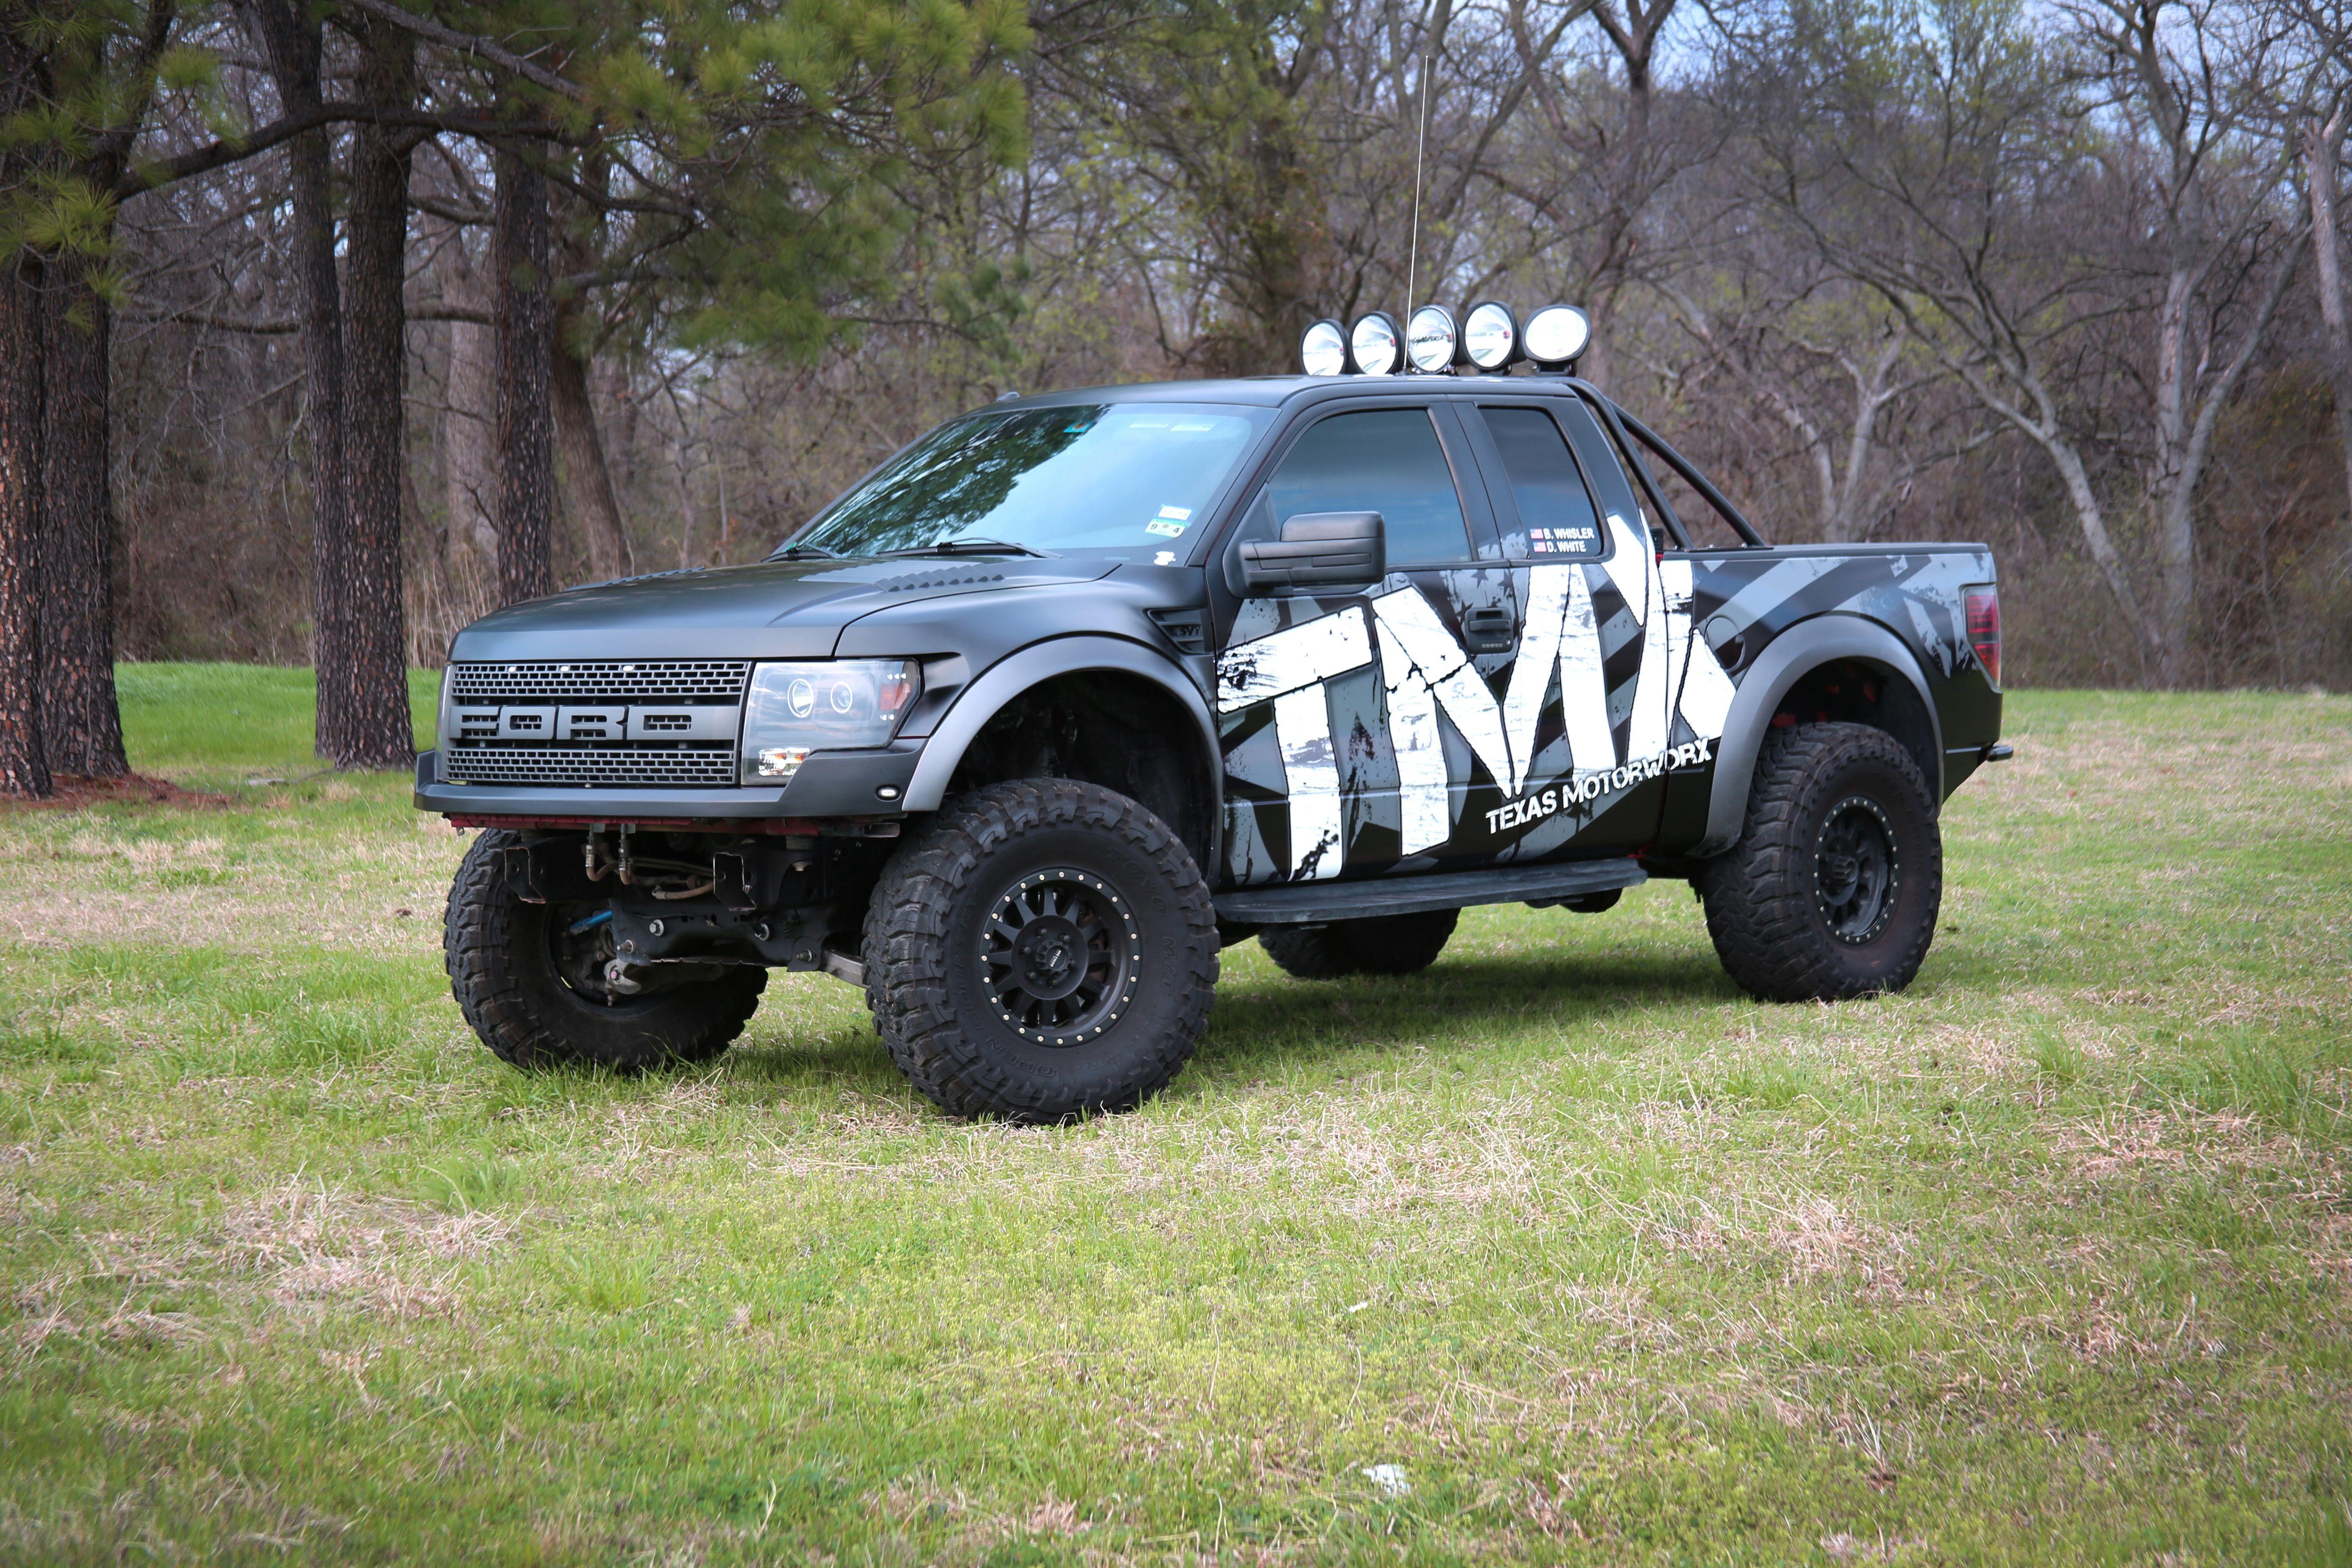 Texas Motorworx wrap installed by Car Wrap City www.carwrapcity.com